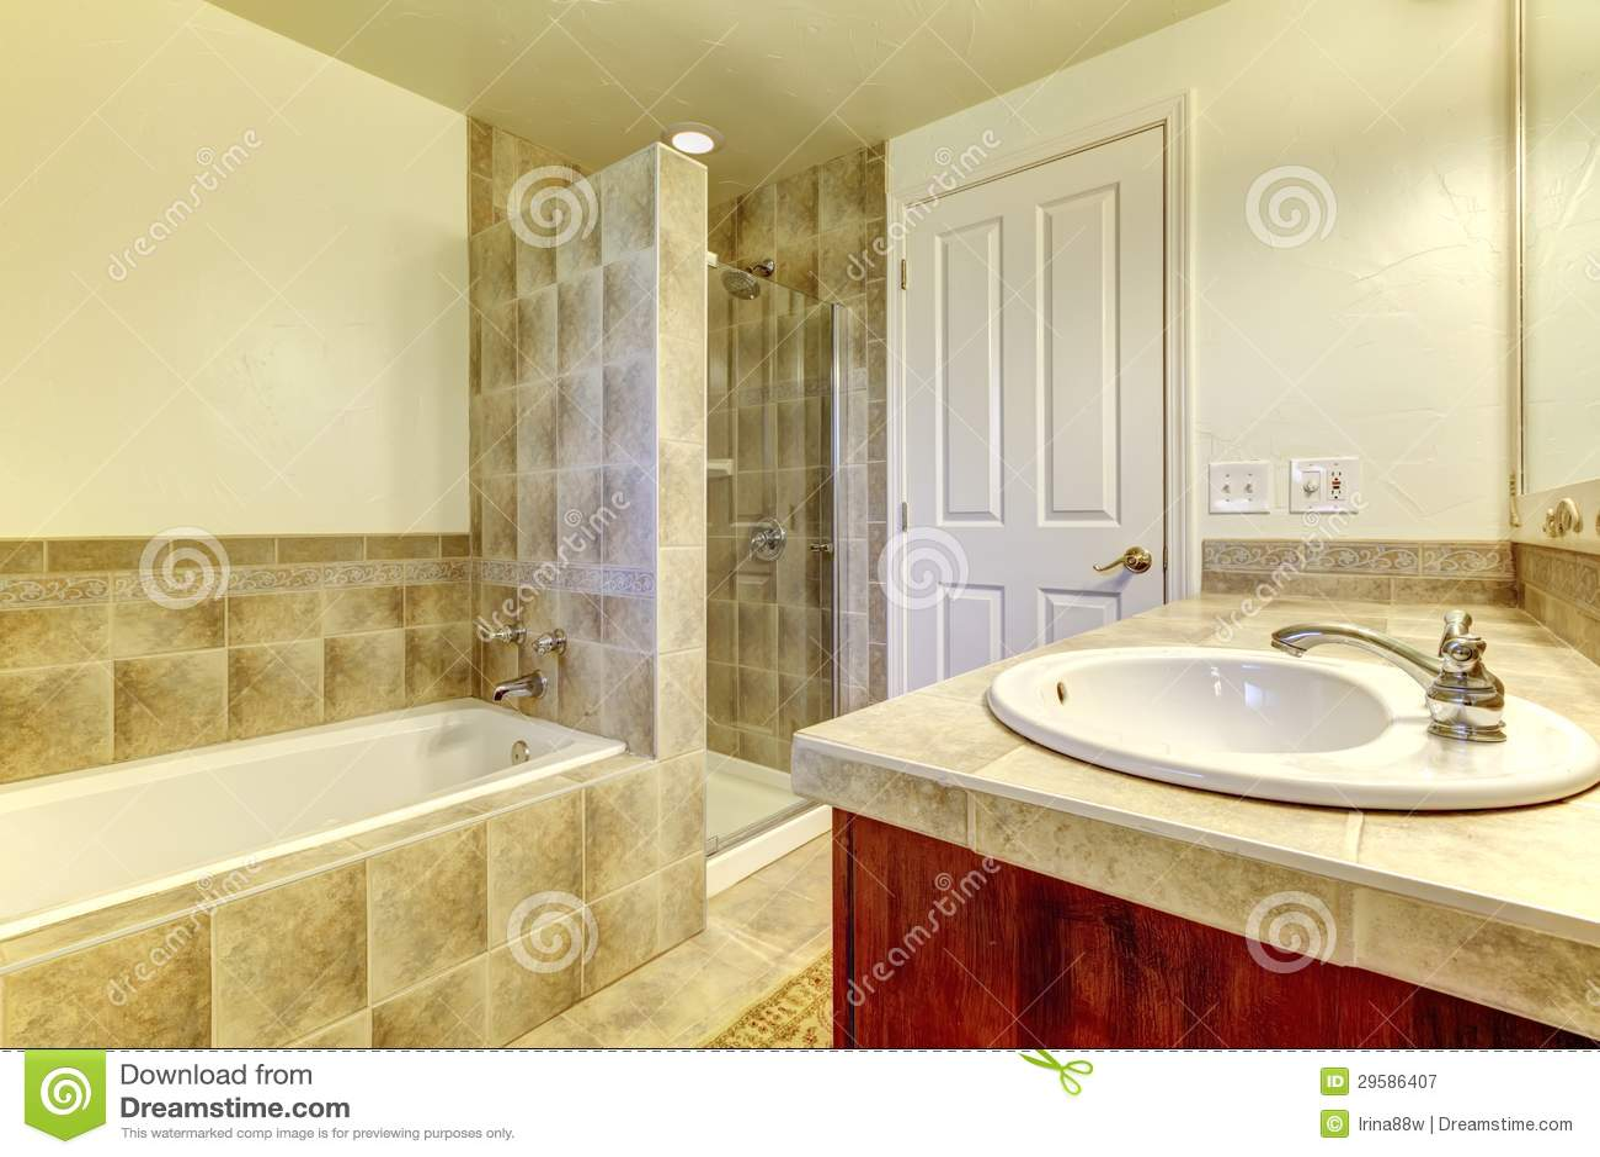 Cuarto de ba o con la tina la peque a ducha y los for Banos con tina y ducha